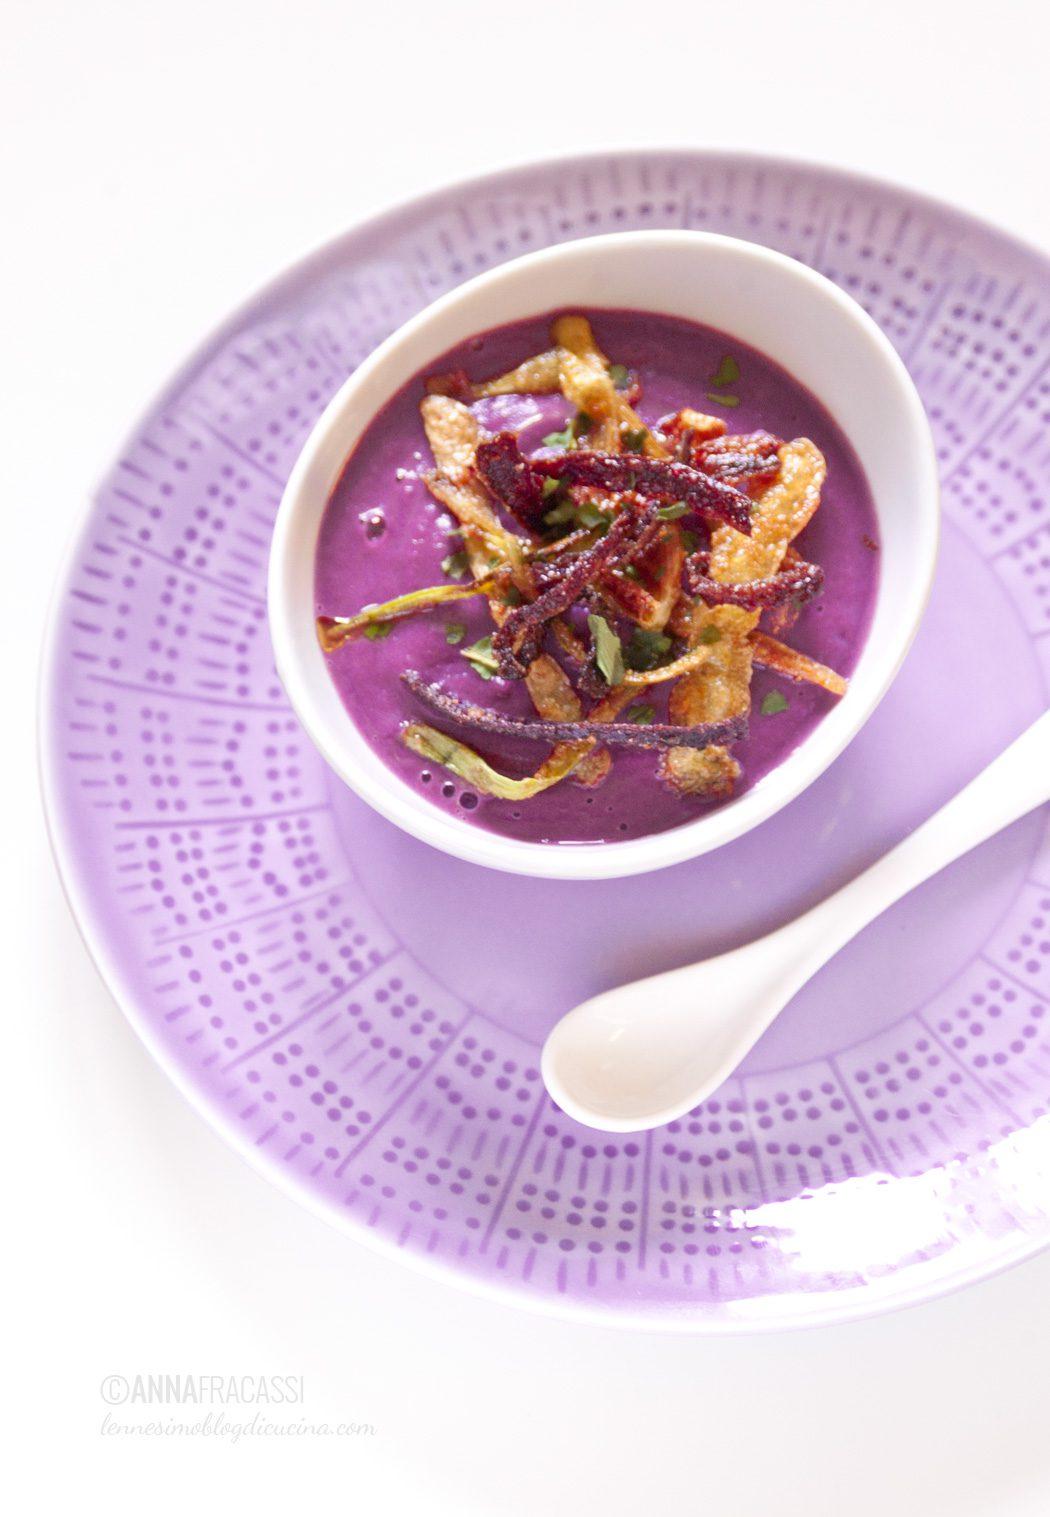 bucce fritte su vellutata di carote viola